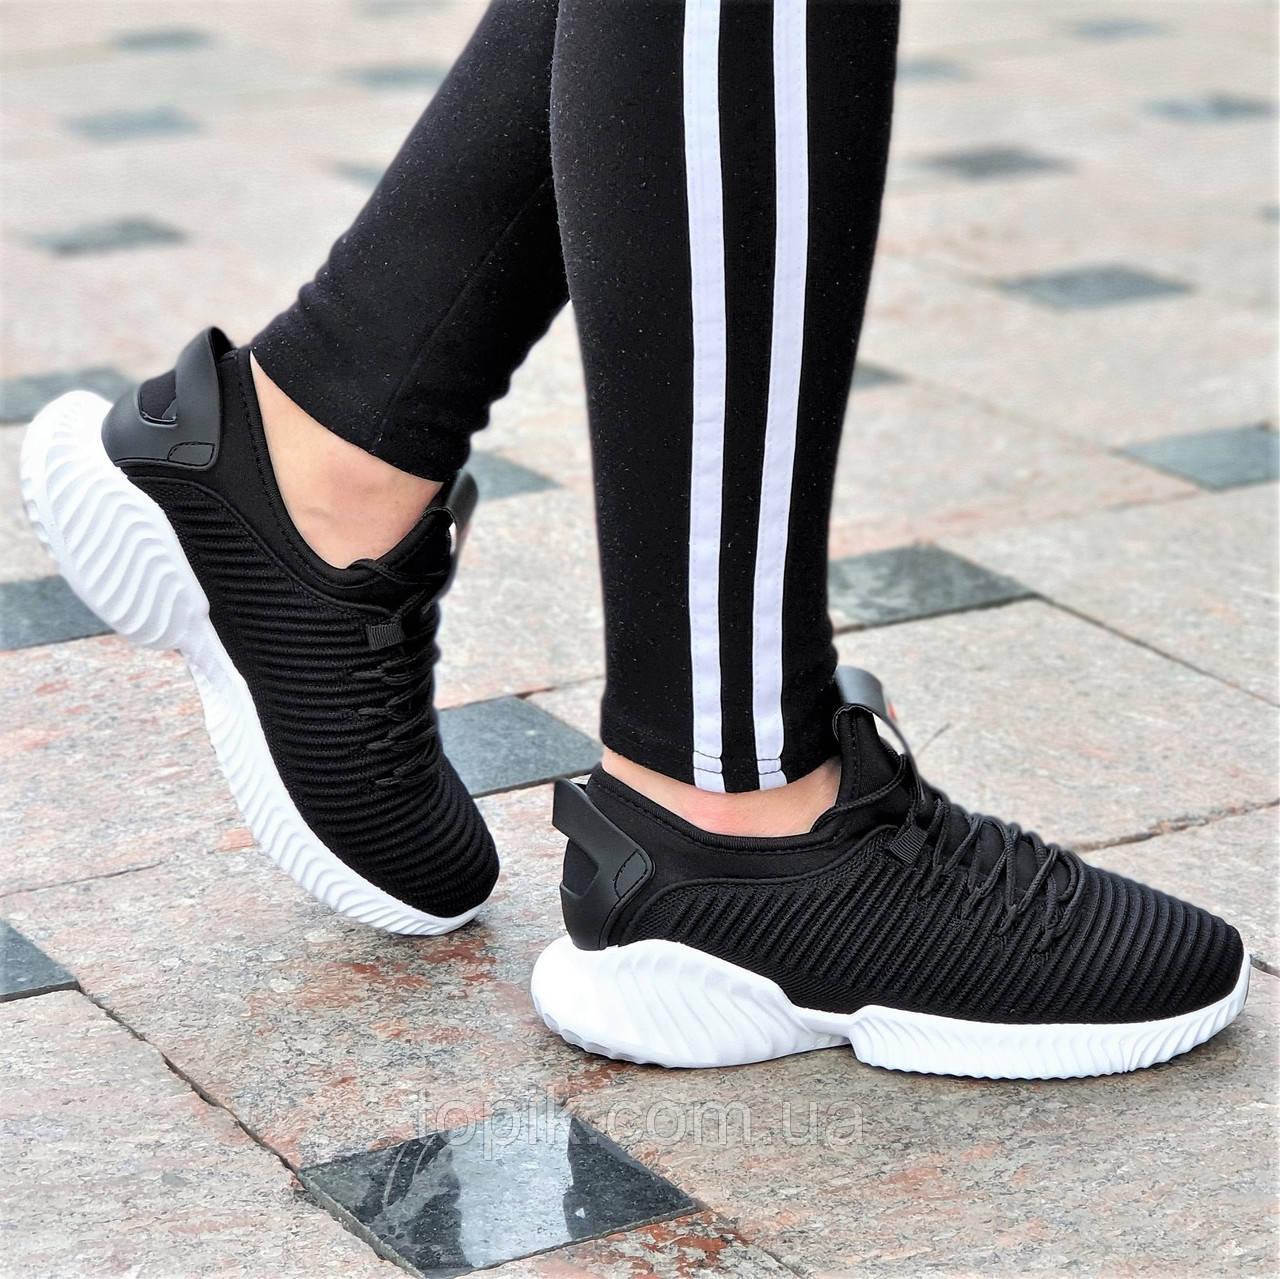 Женские черные кроссовки Alphabounce Instinct, легкая белая подошва, удобные и практичные (Код: 1385а)